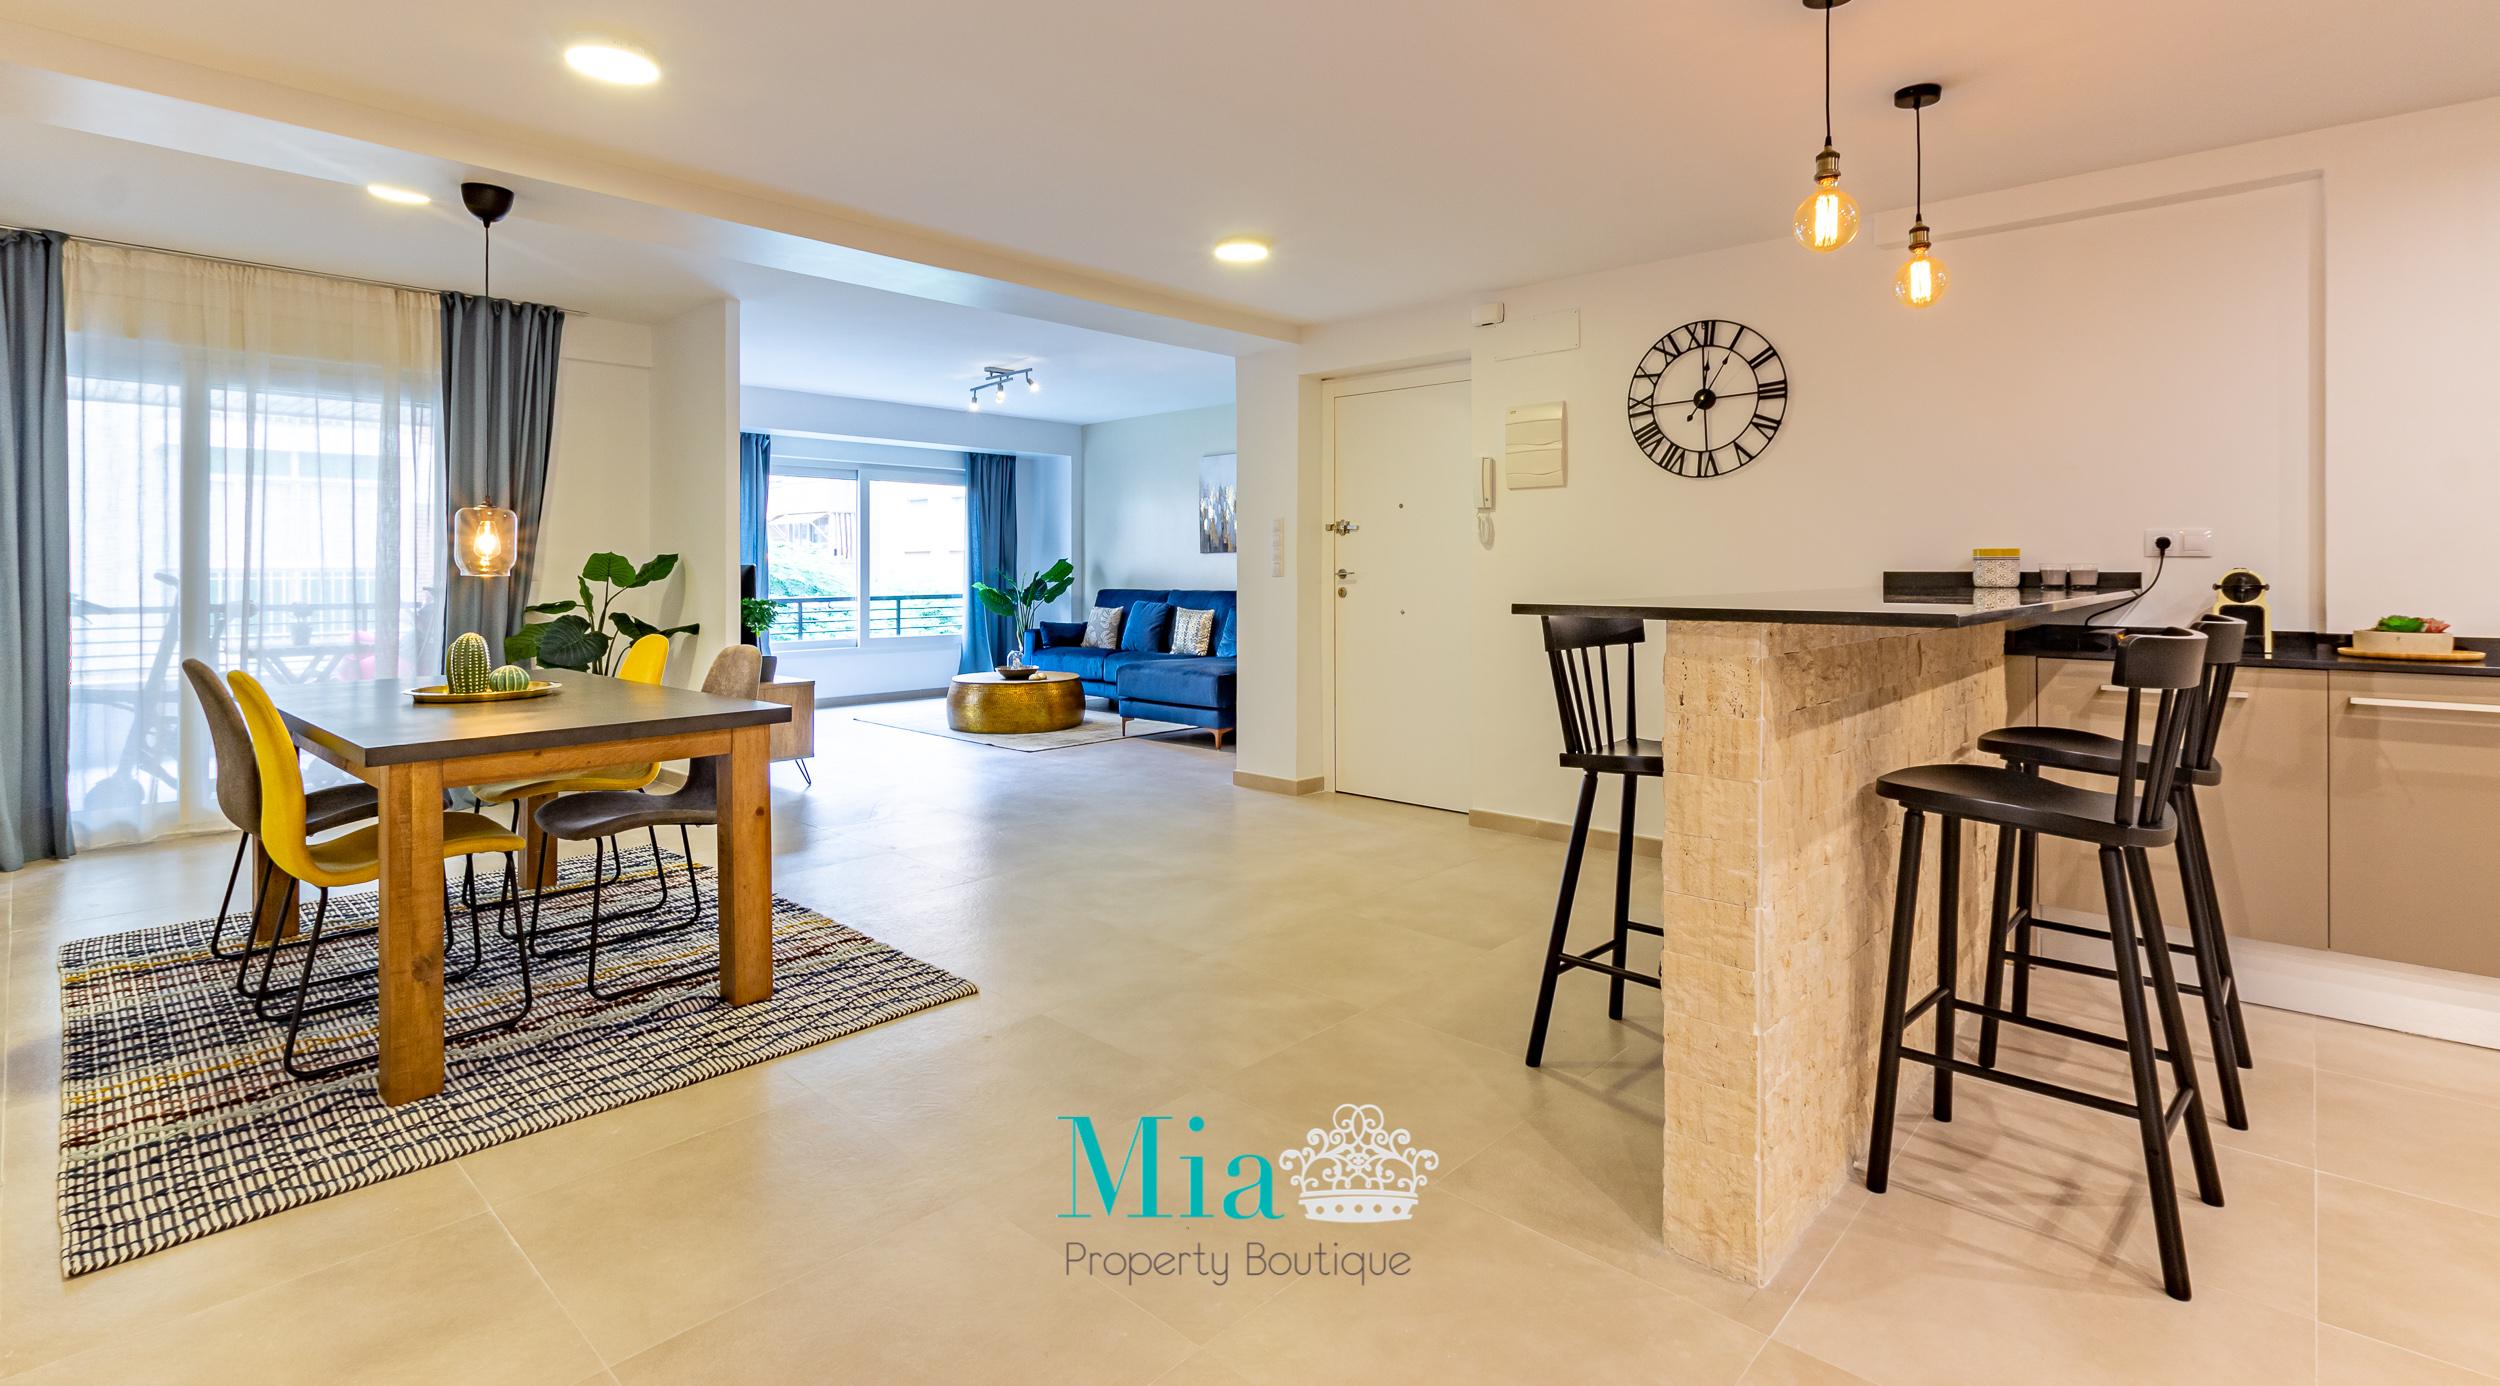 Copy of Stylish Apartment near Corte Ingles, Alicante City